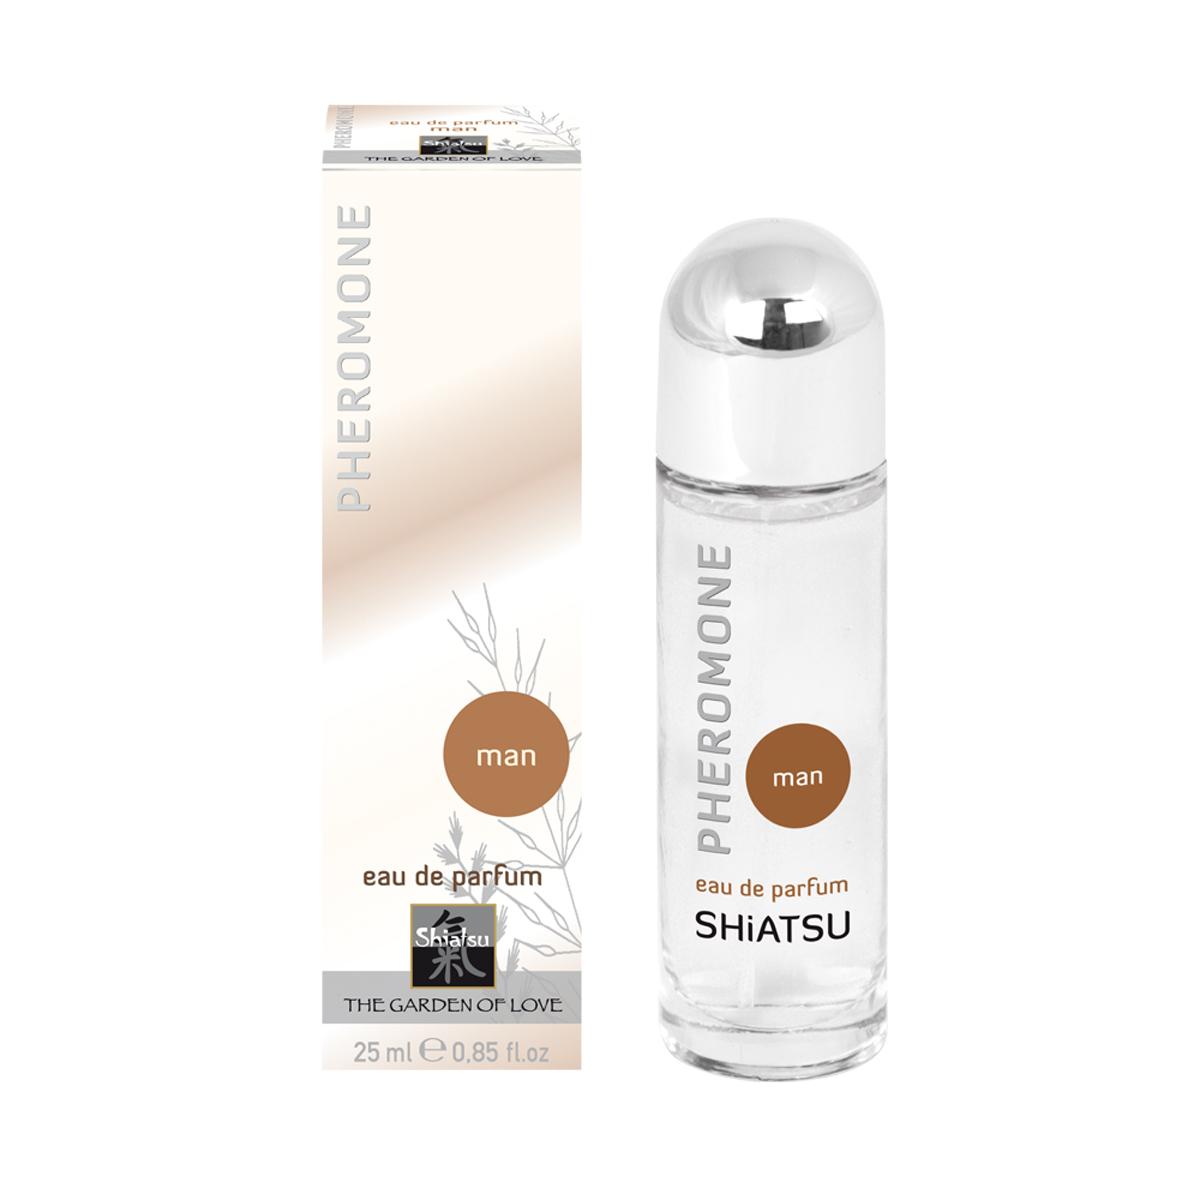 Shiatsu Мужские духи с феромонами Shiatsu, 25 мл3SLife29-J-14Высококачественный парфюм, обогащенный феромонами. Стильный мужской аромат поразит всех женщин.